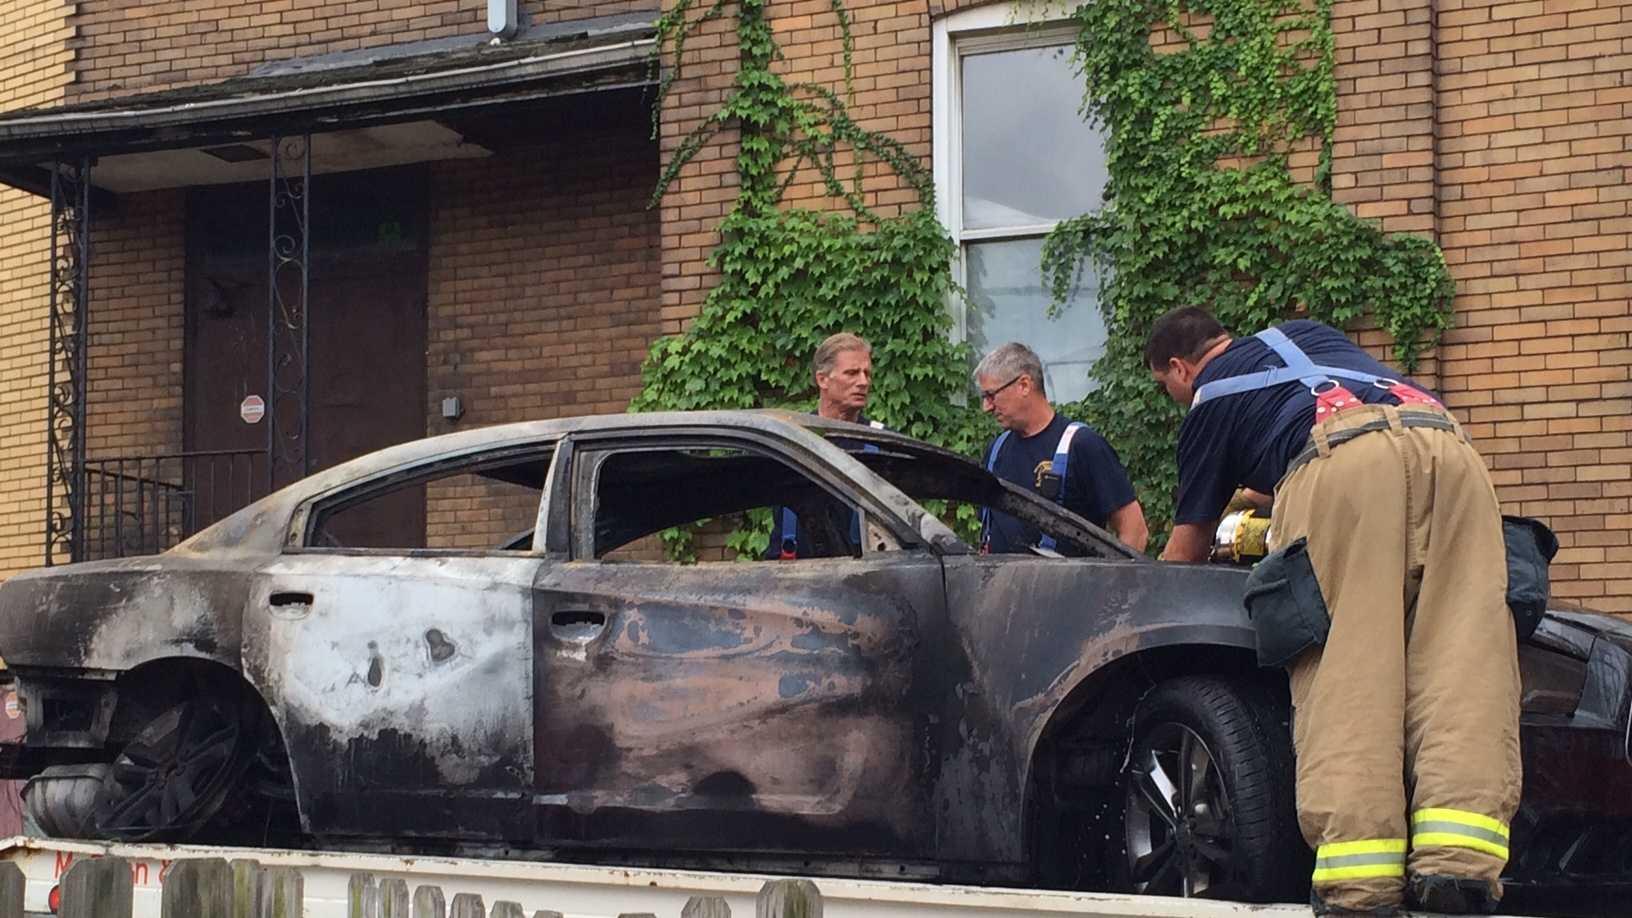 Lawrenceville burned car